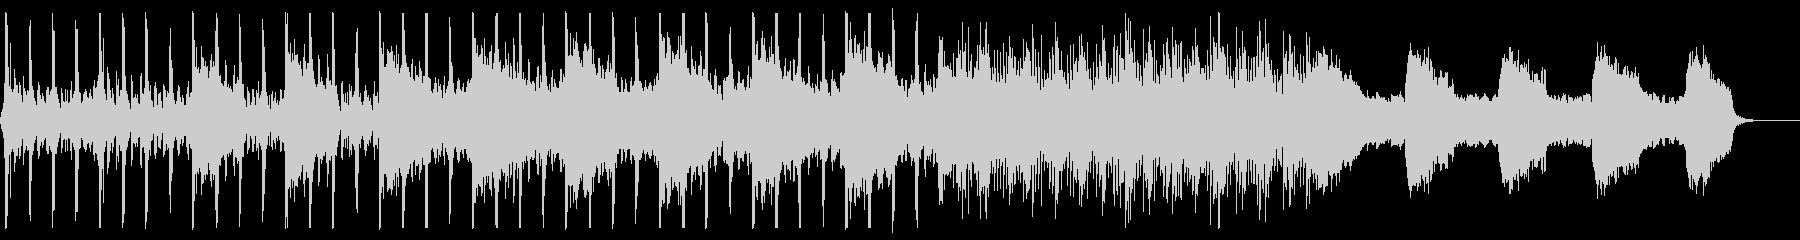 パーカッション主導のシンプルでダークな曲の未再生の波形